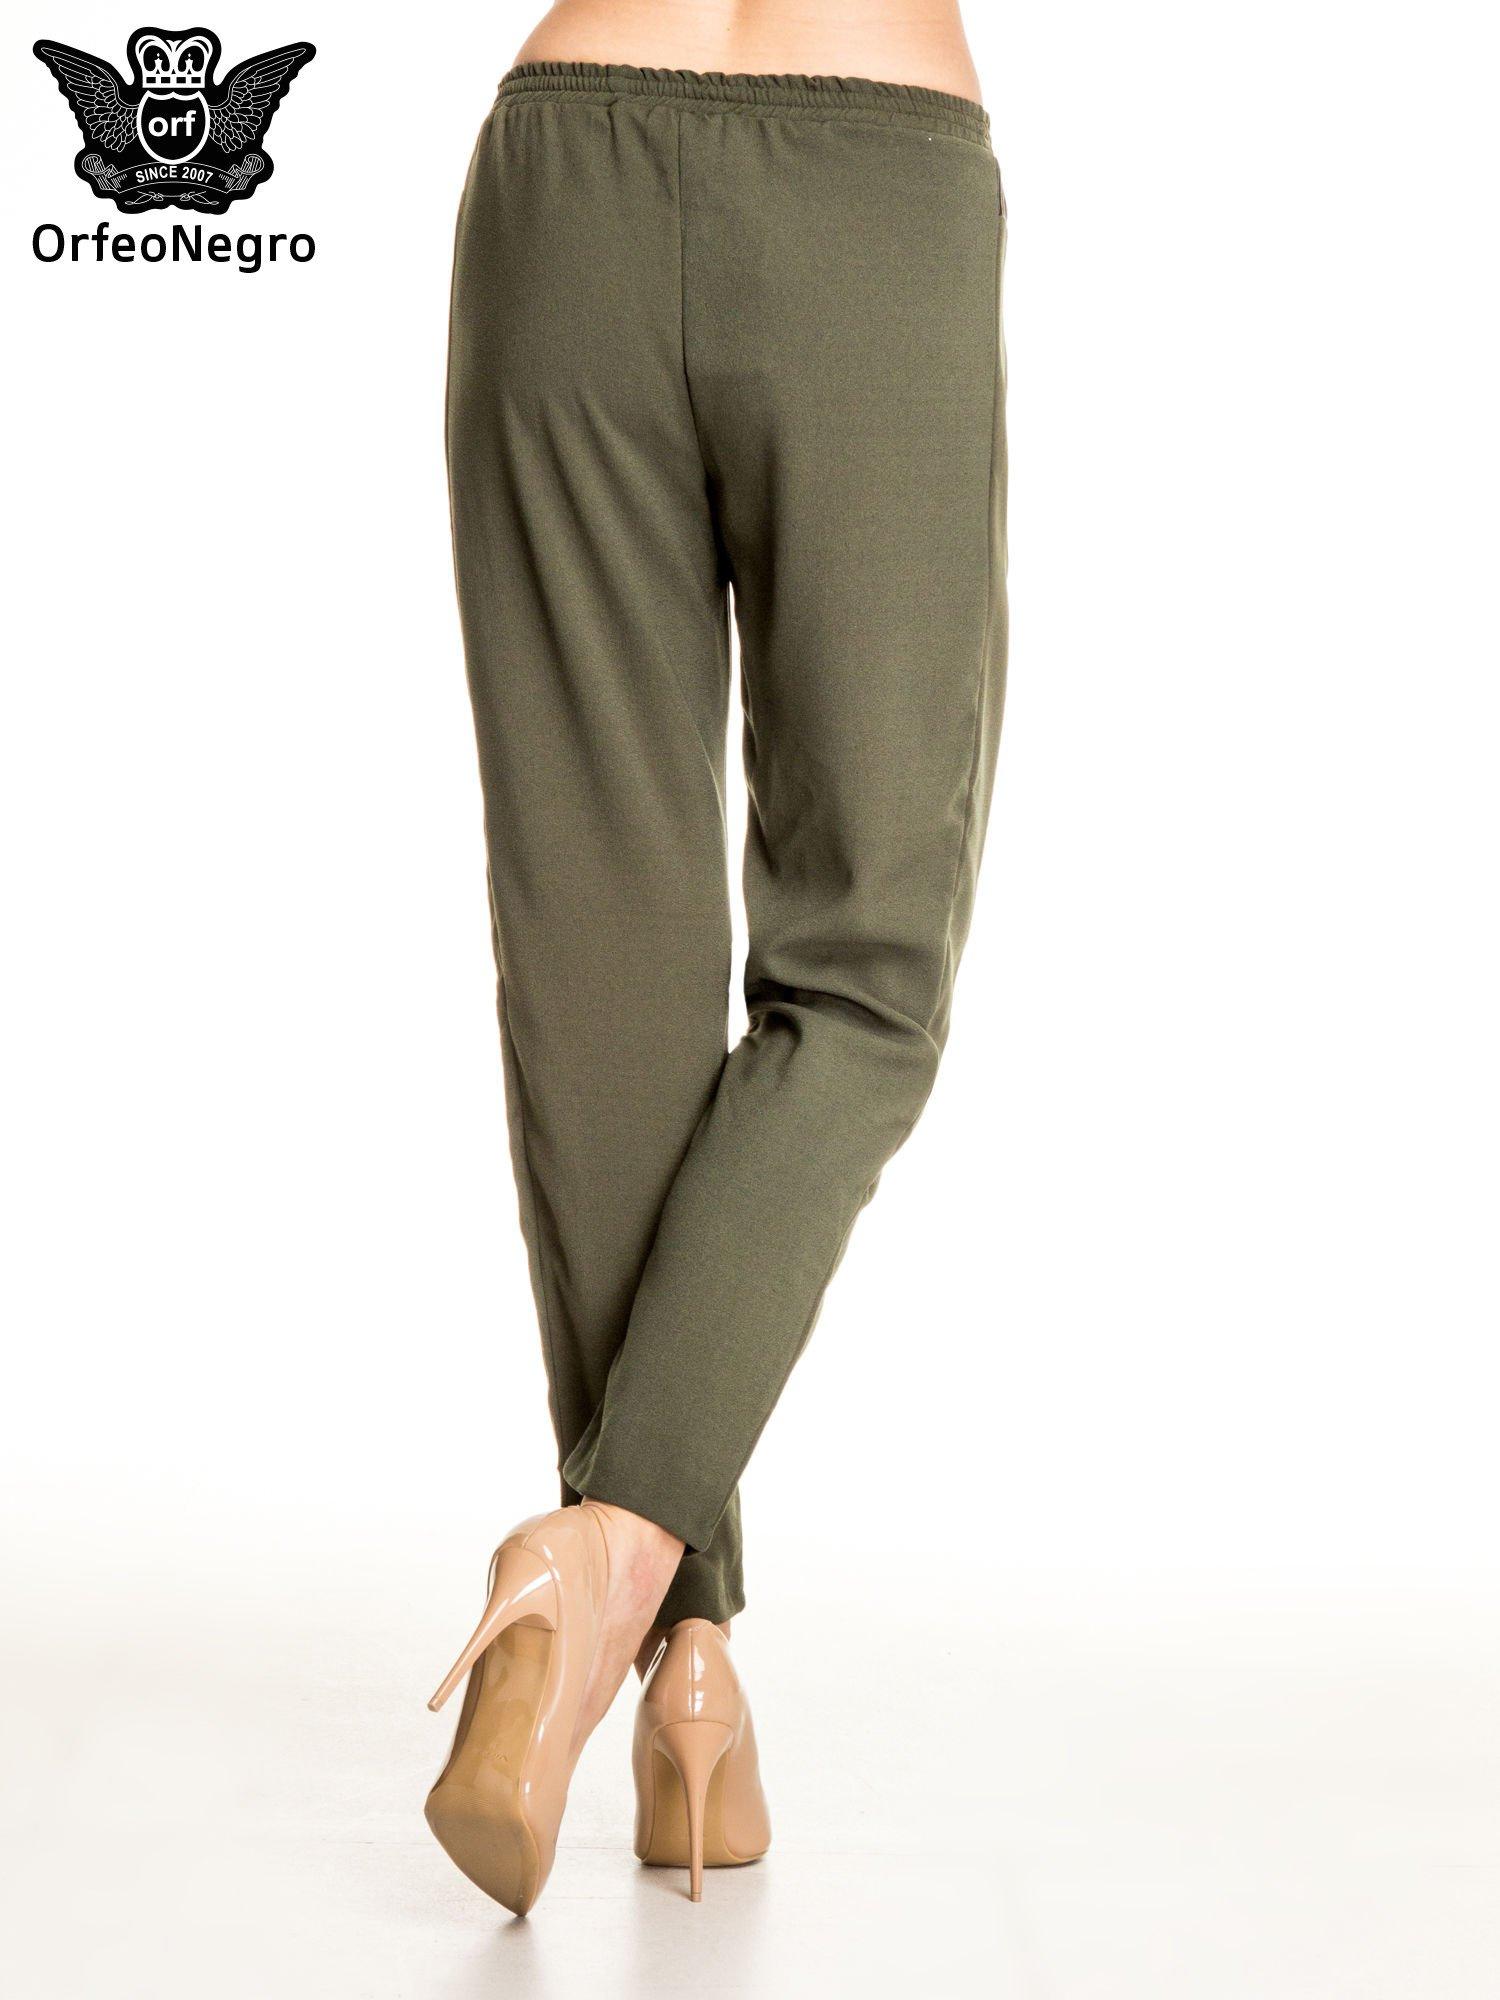 Khaki spodnie materiałowe ze skórzaną wstawką                                   zdj.                                  4